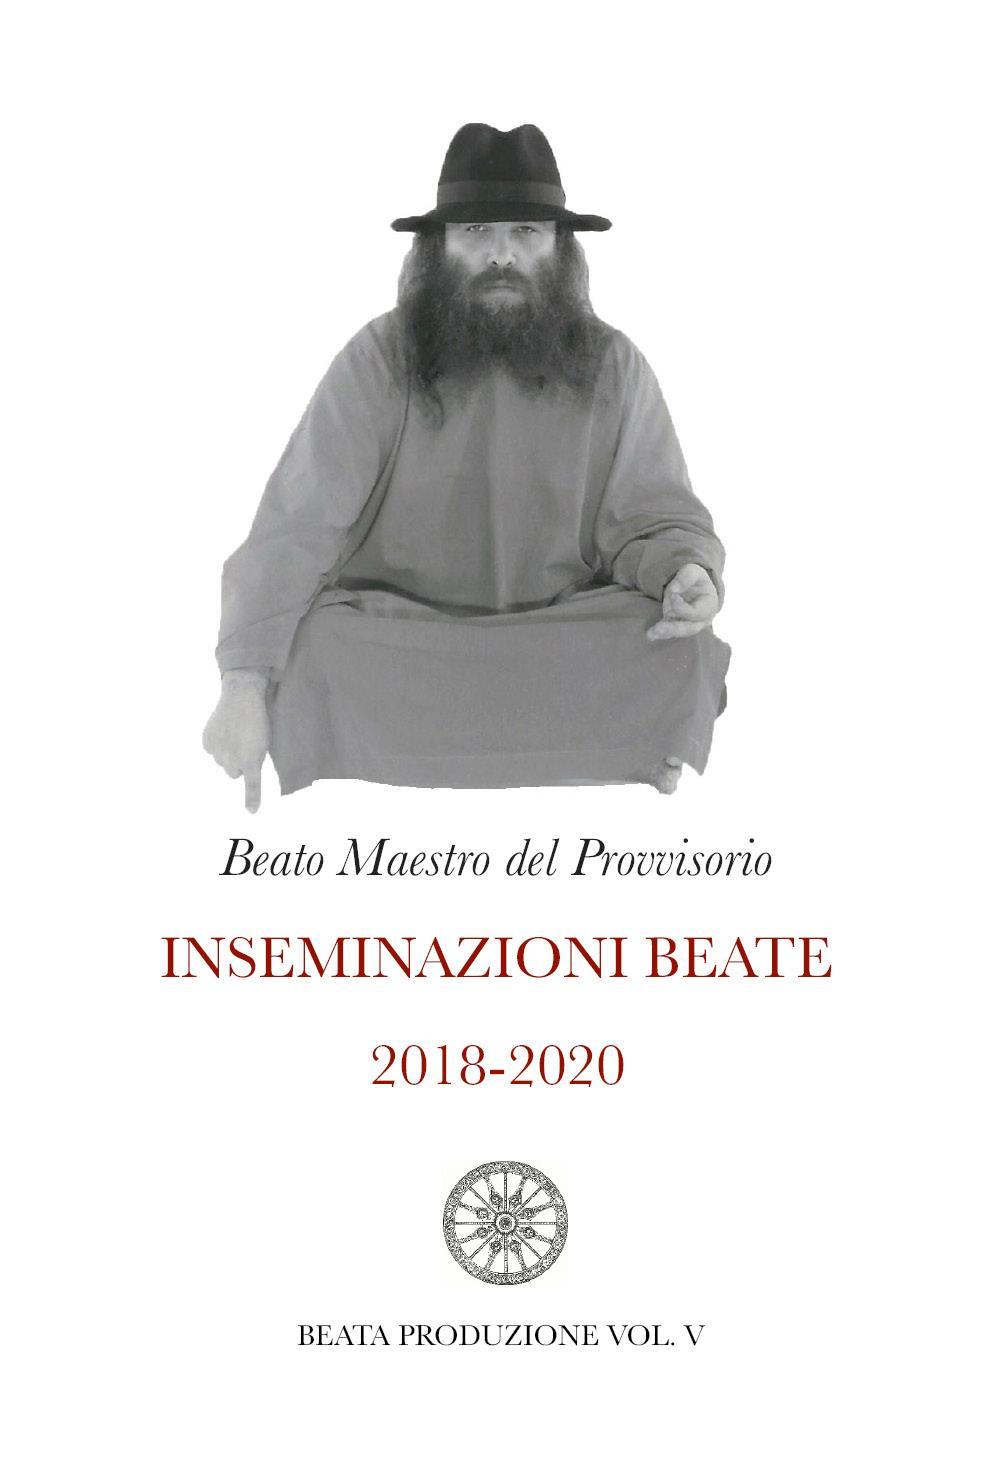 Inseminazioni beate 2018-2020 Vol. V